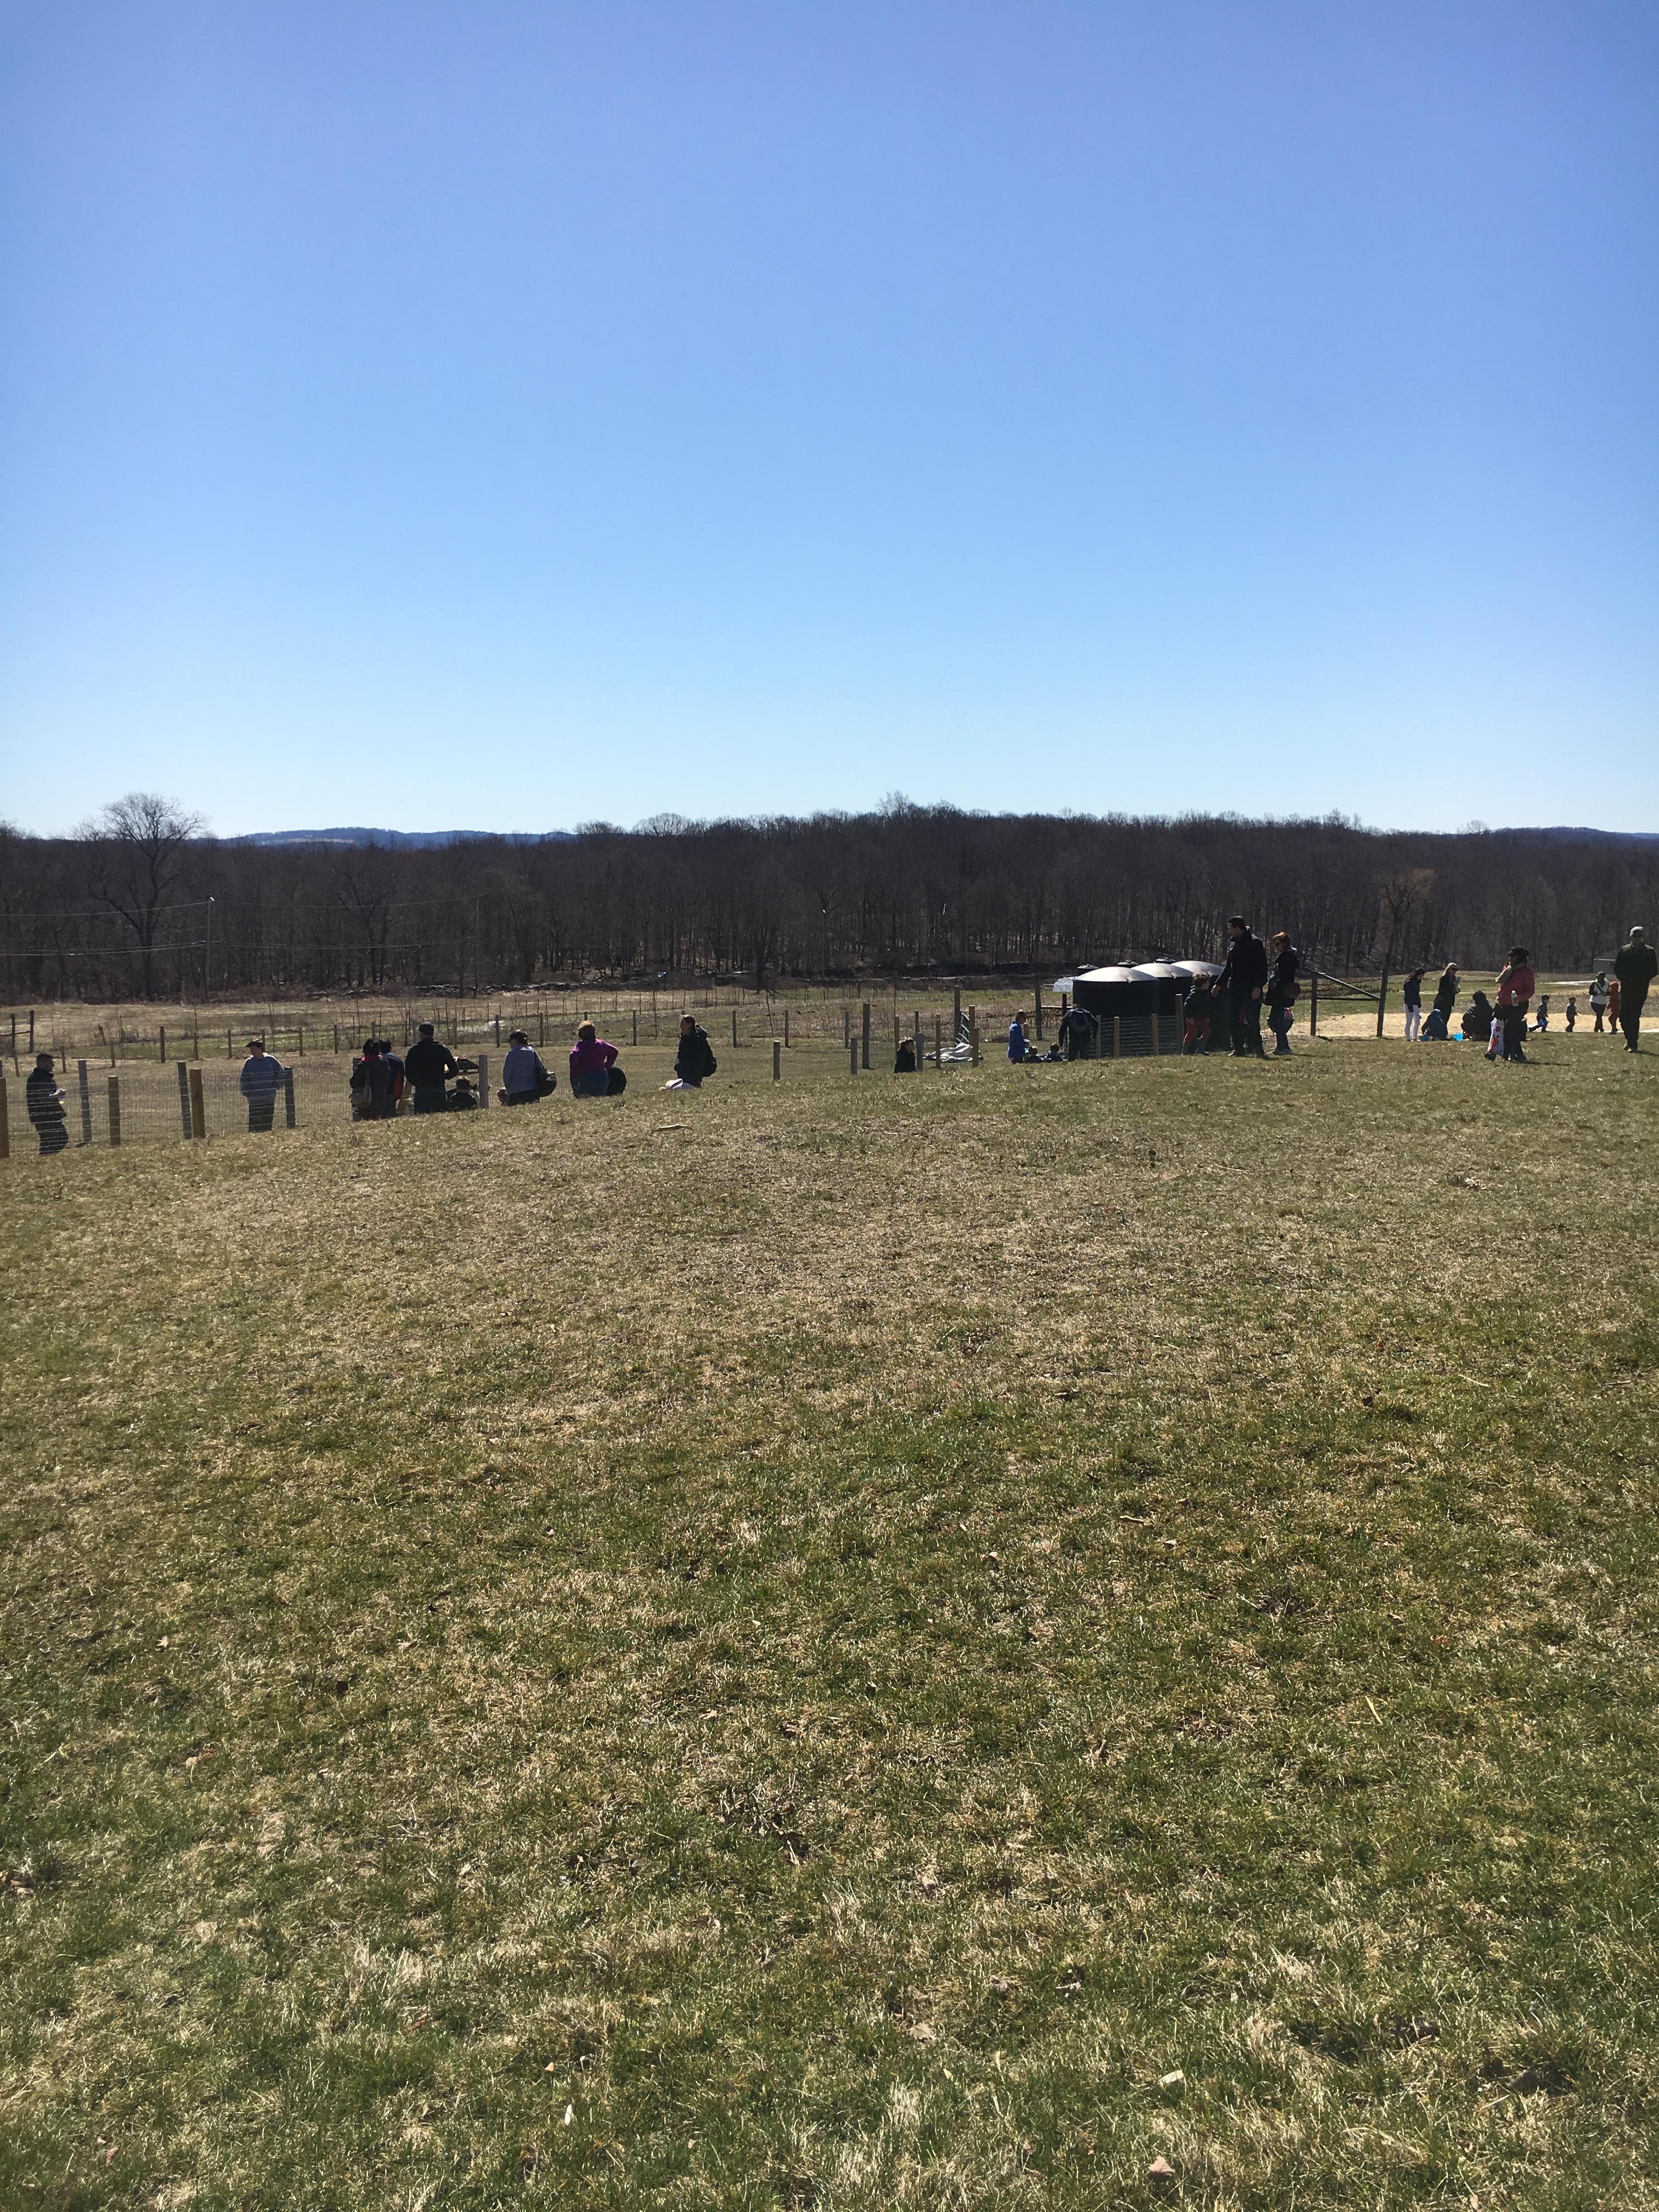 Hilltop Hanover Farm easter egg hunt